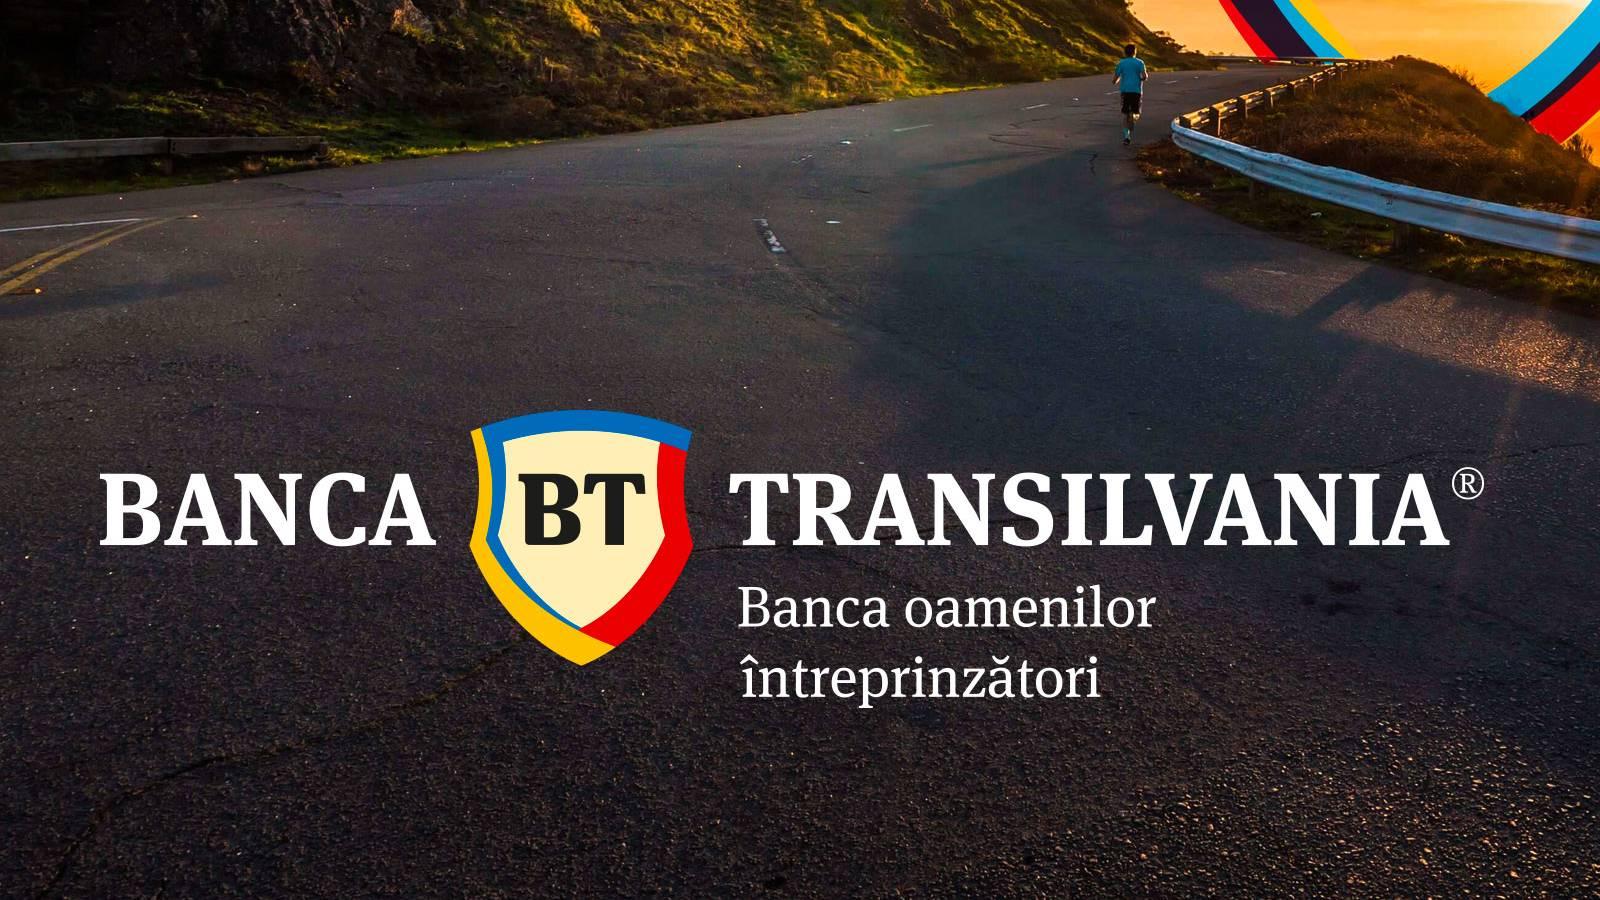 BANCA Transilvania neobt